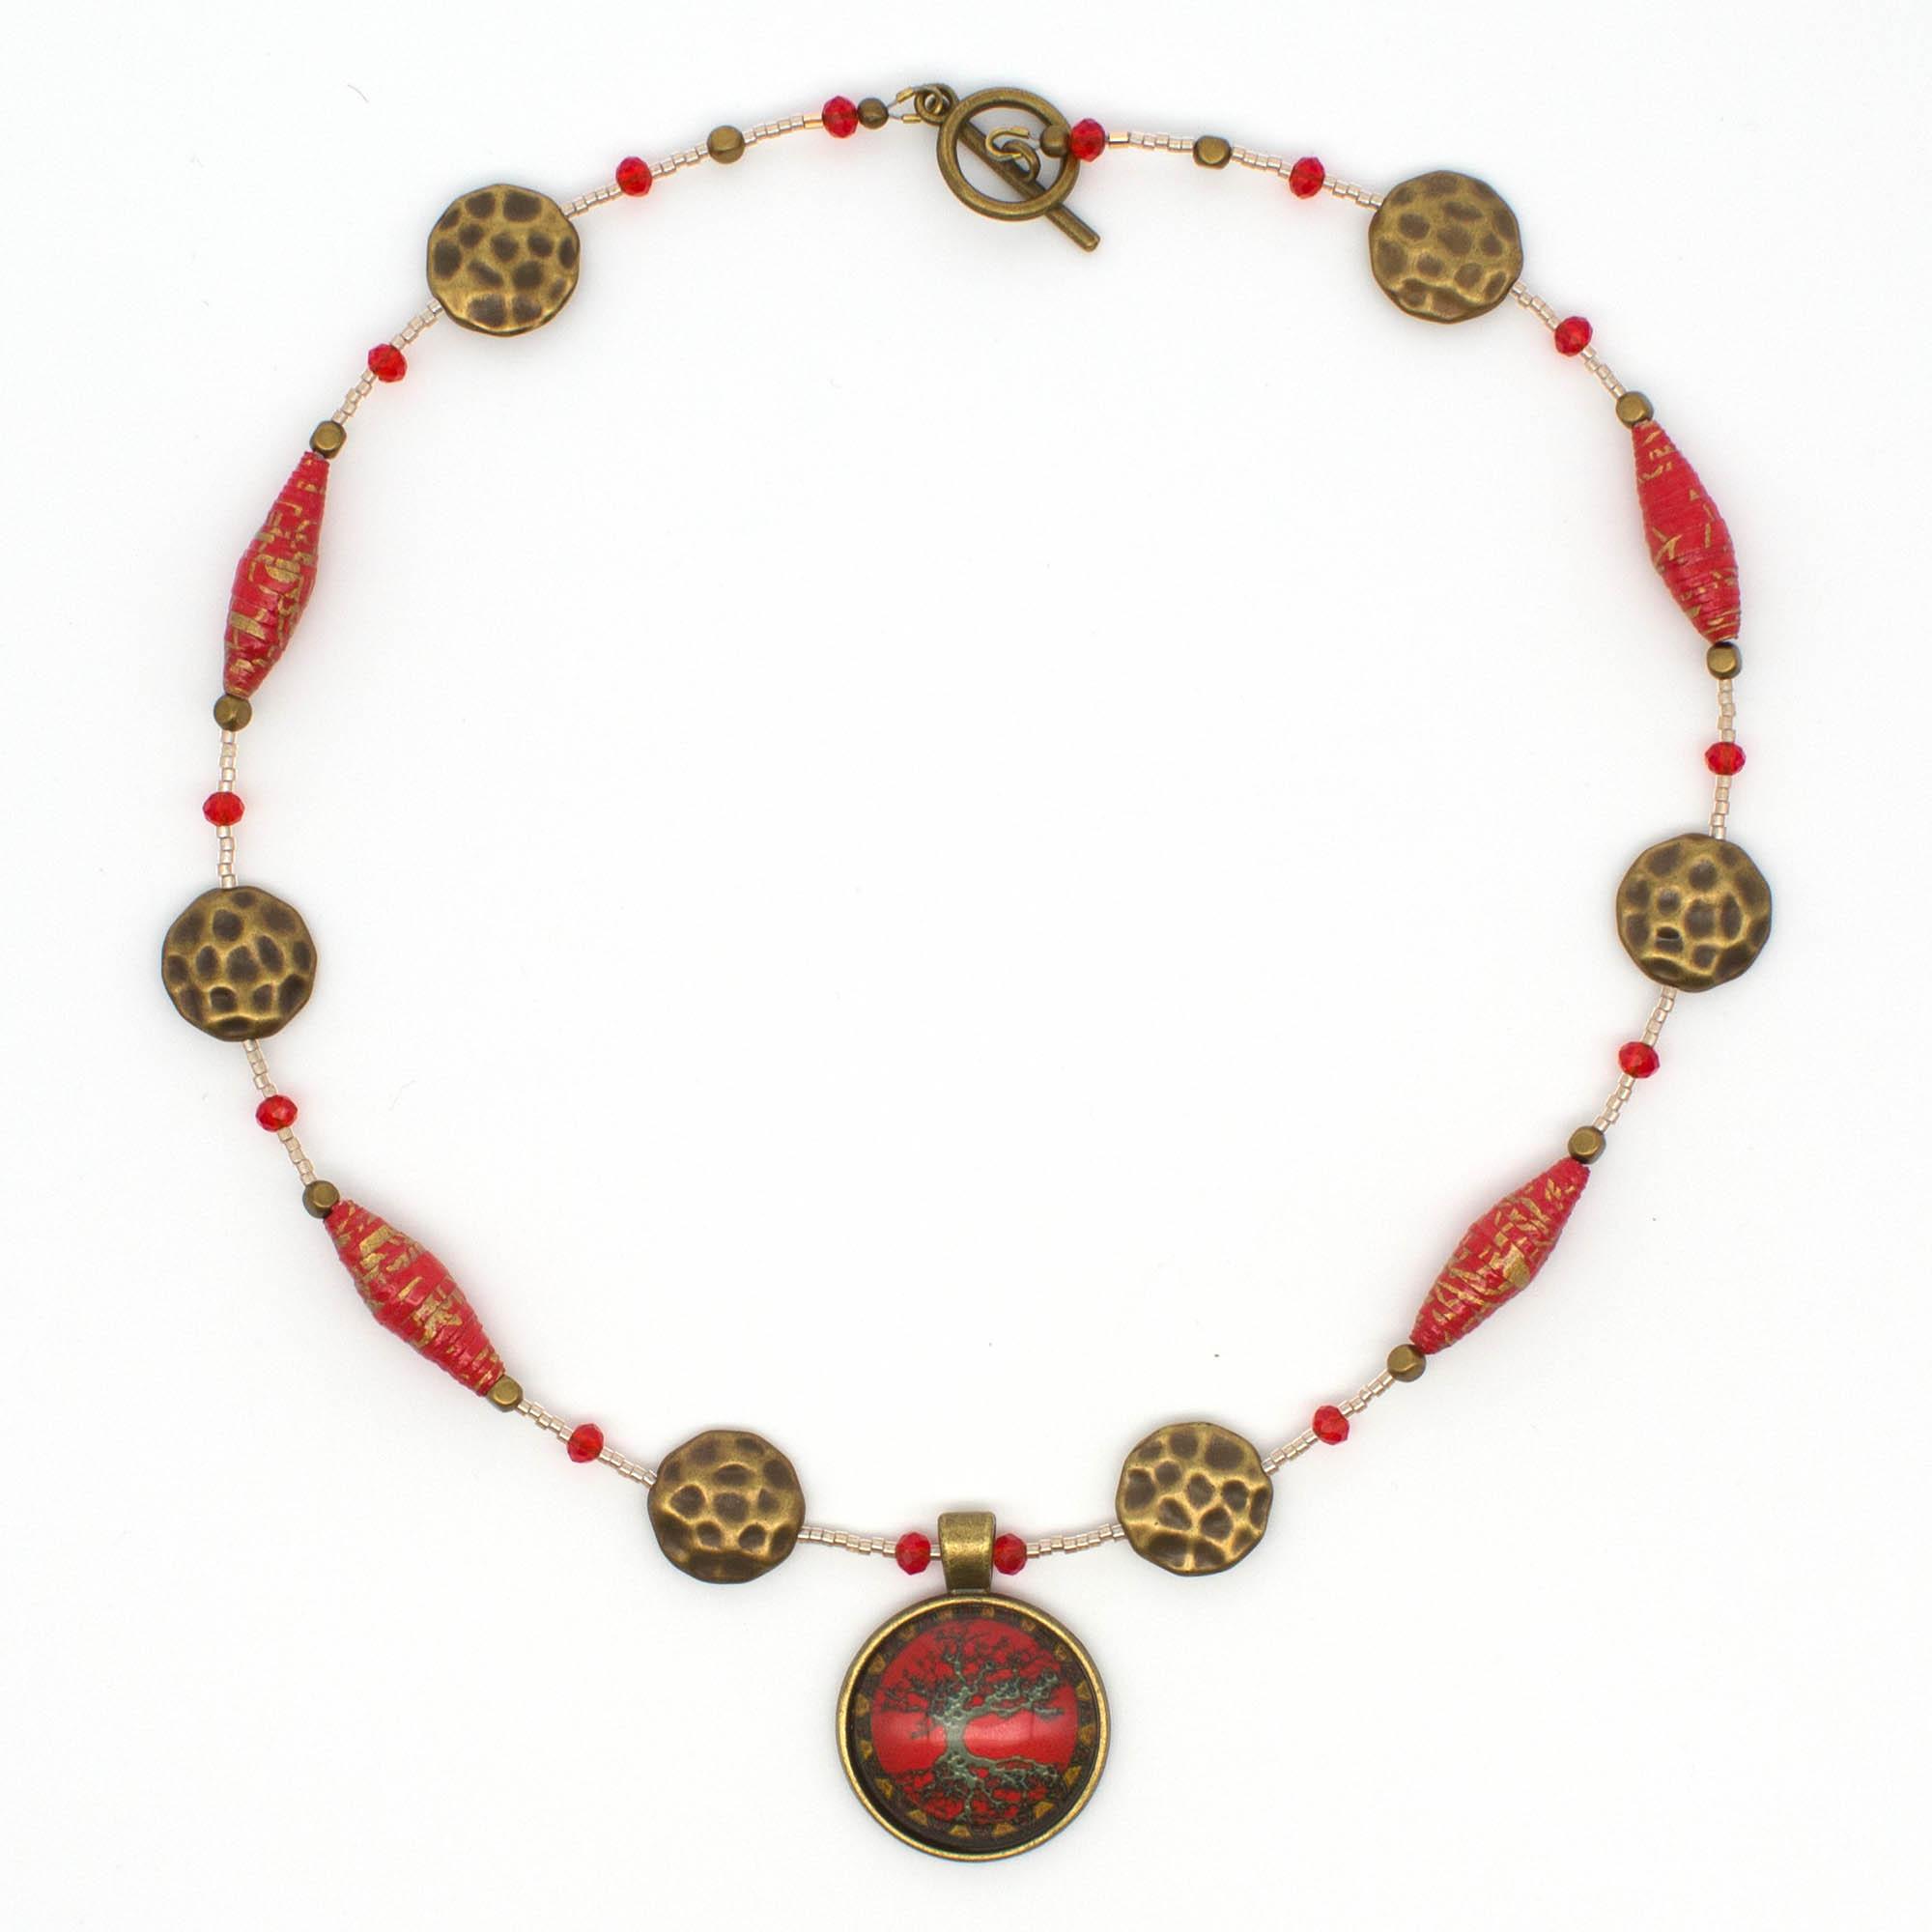 NE813a - Geisha Girl Necklace